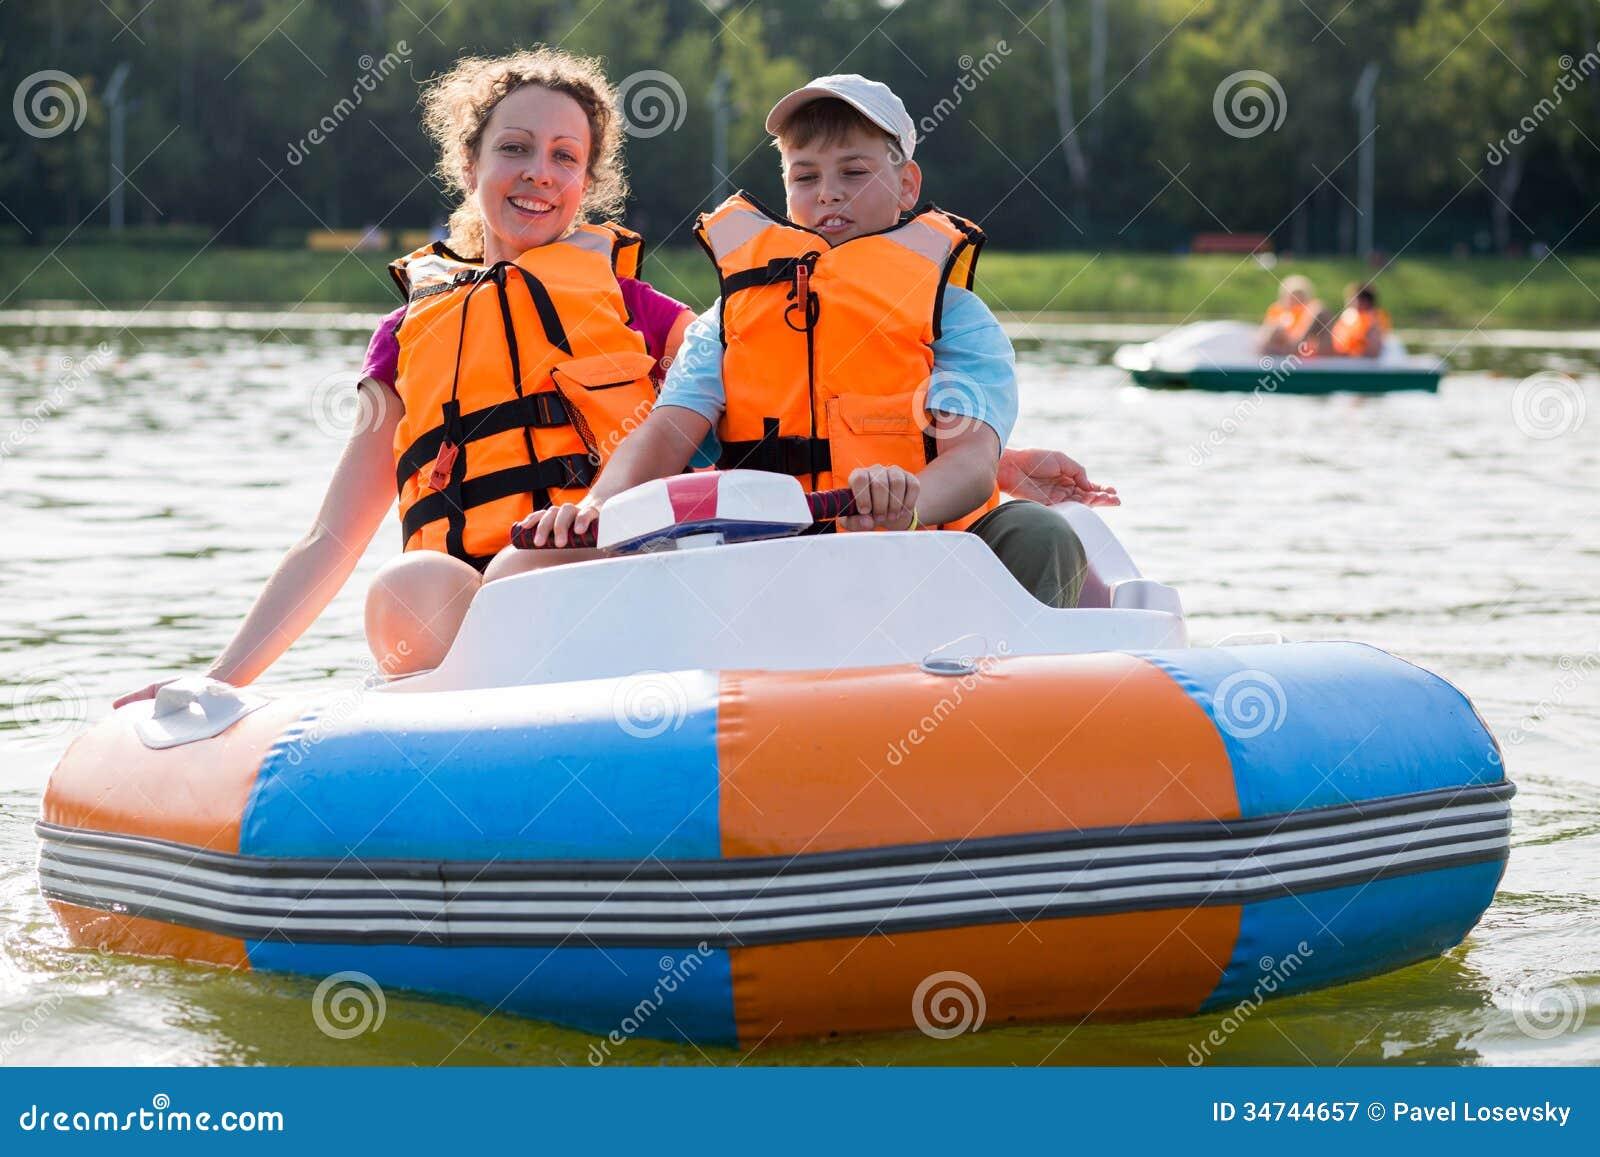 Filho e mãe nos revestimentos de vida que flutuam abaixo do rio